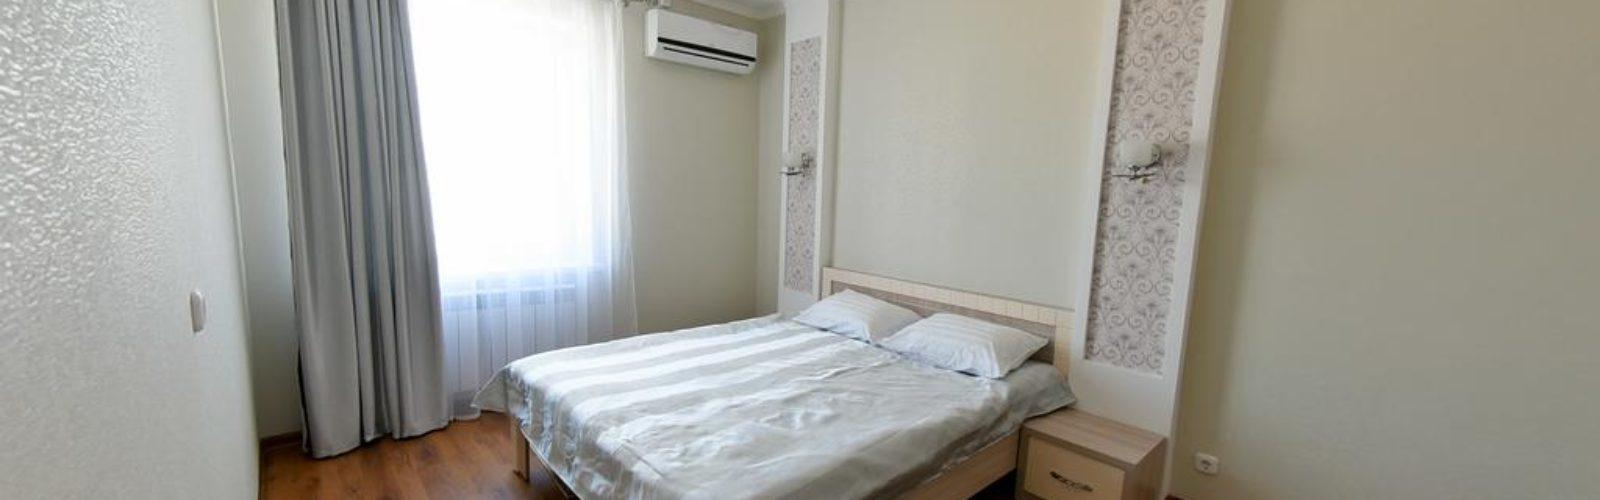 Улучшенный двухместный номер с 1 кроватью